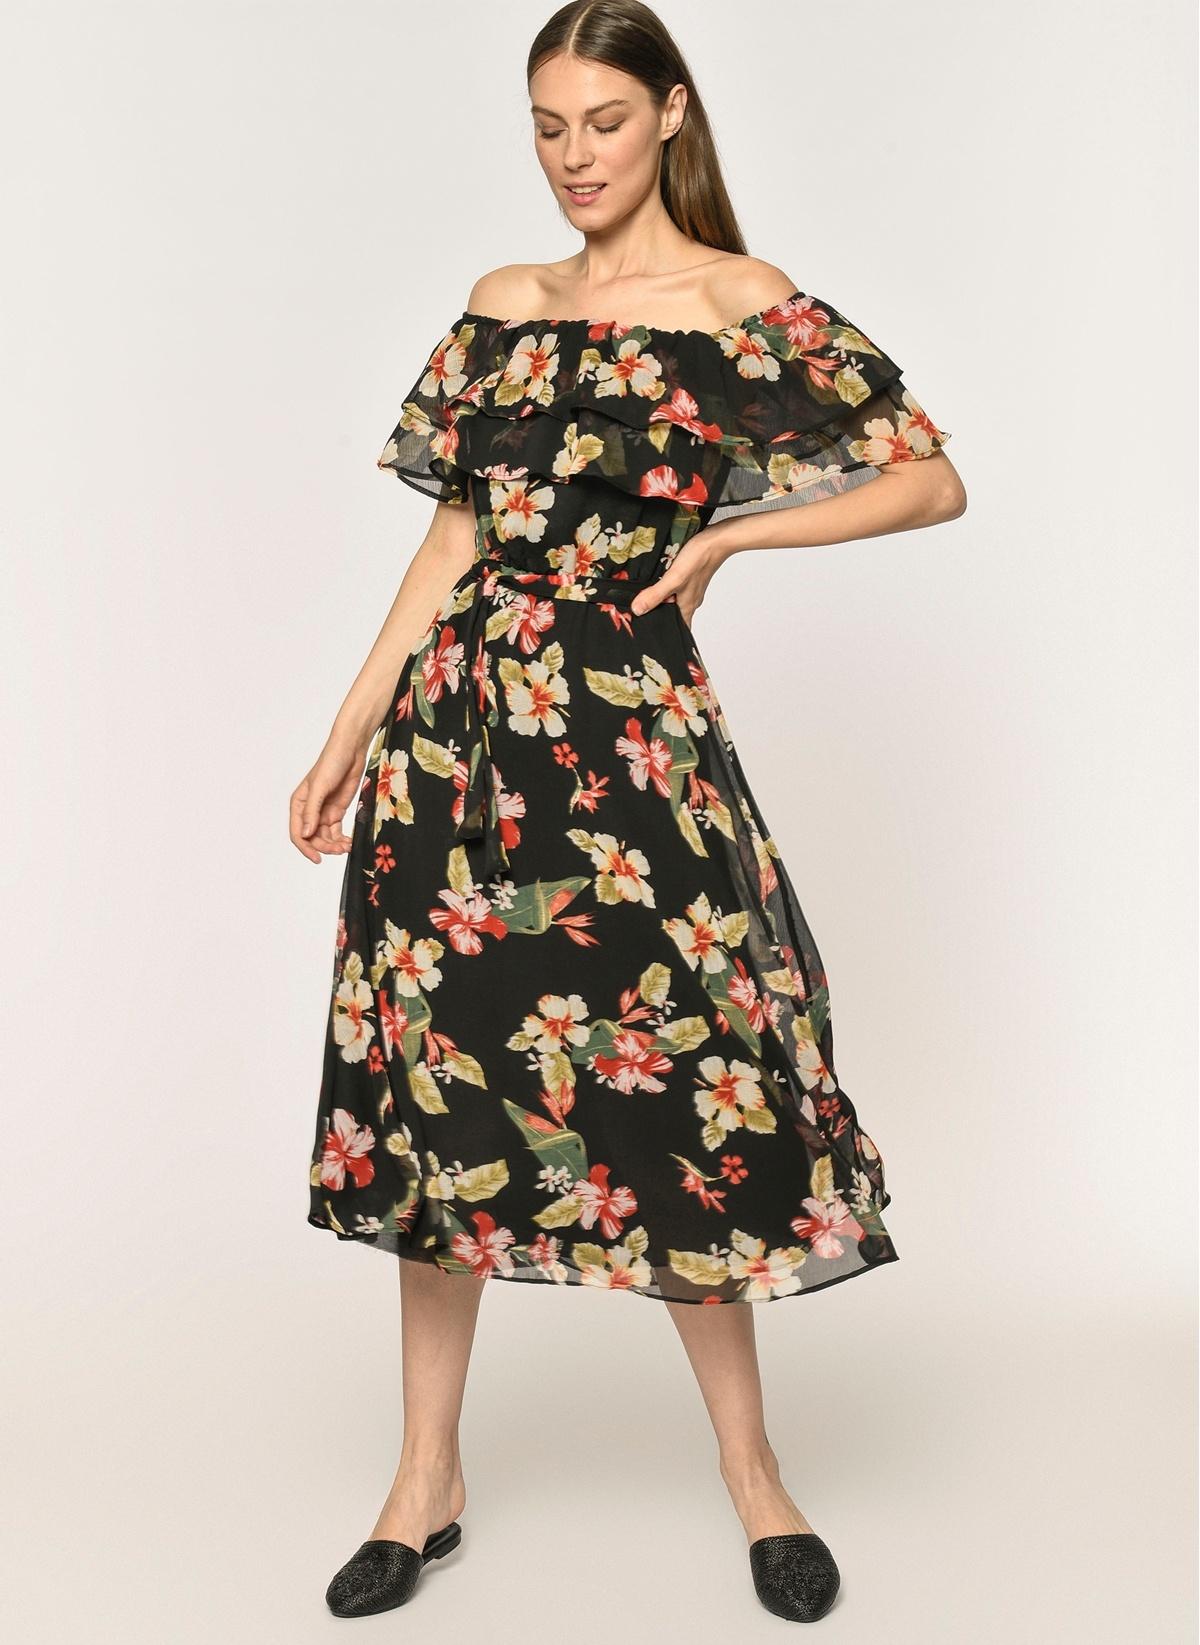 b24bb3c154a77 Loves You Askılı Safari Çiçek Desenli Elbise